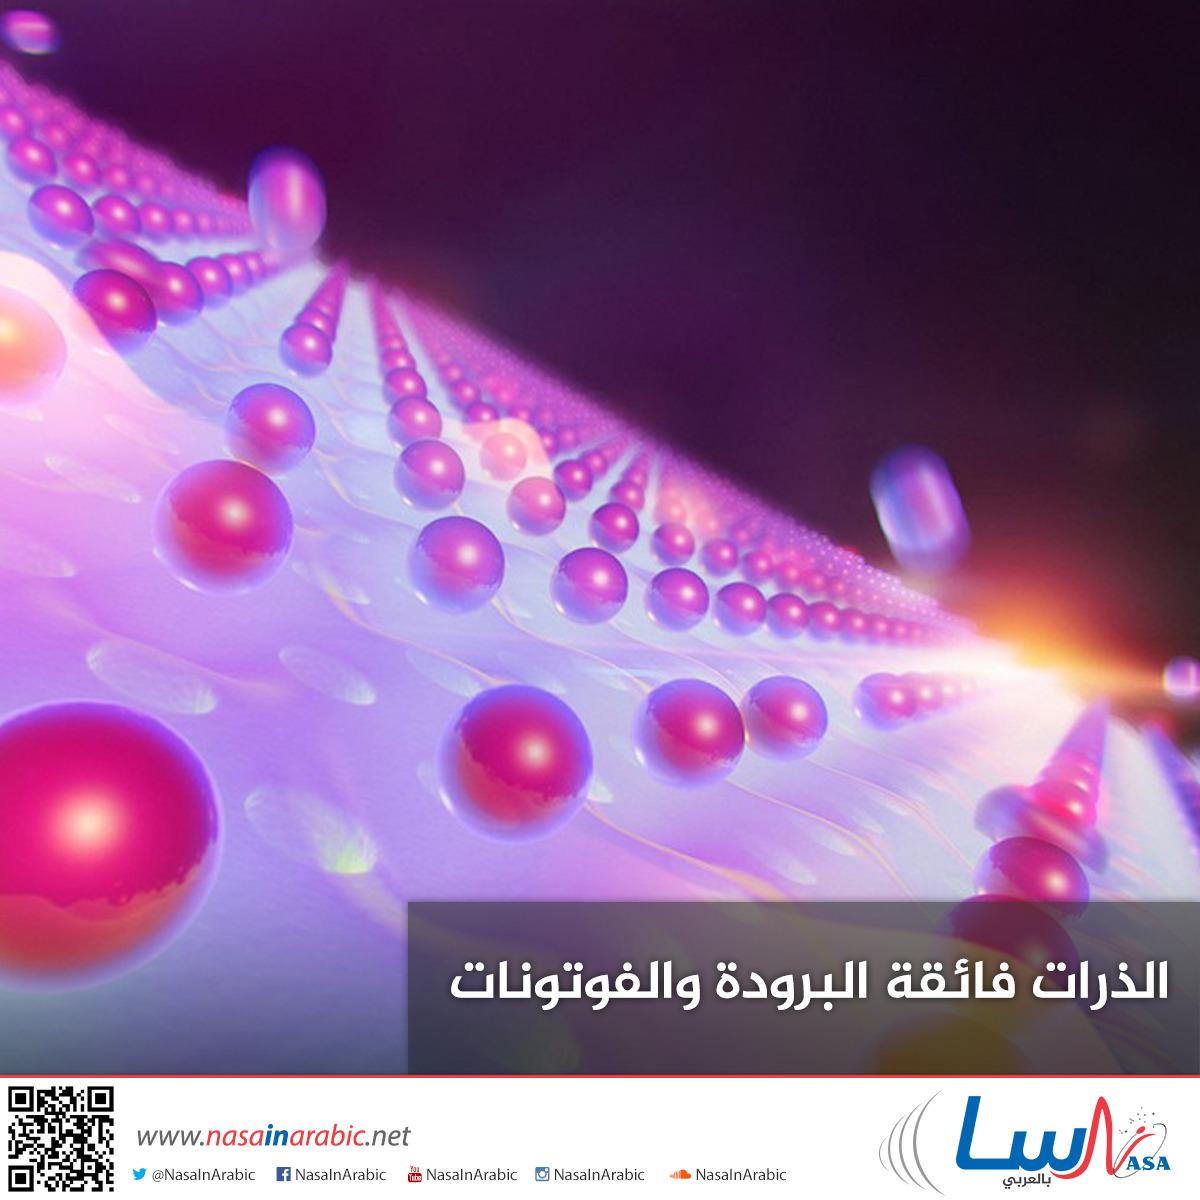 الذرات فائقة البرودة والفوتونات